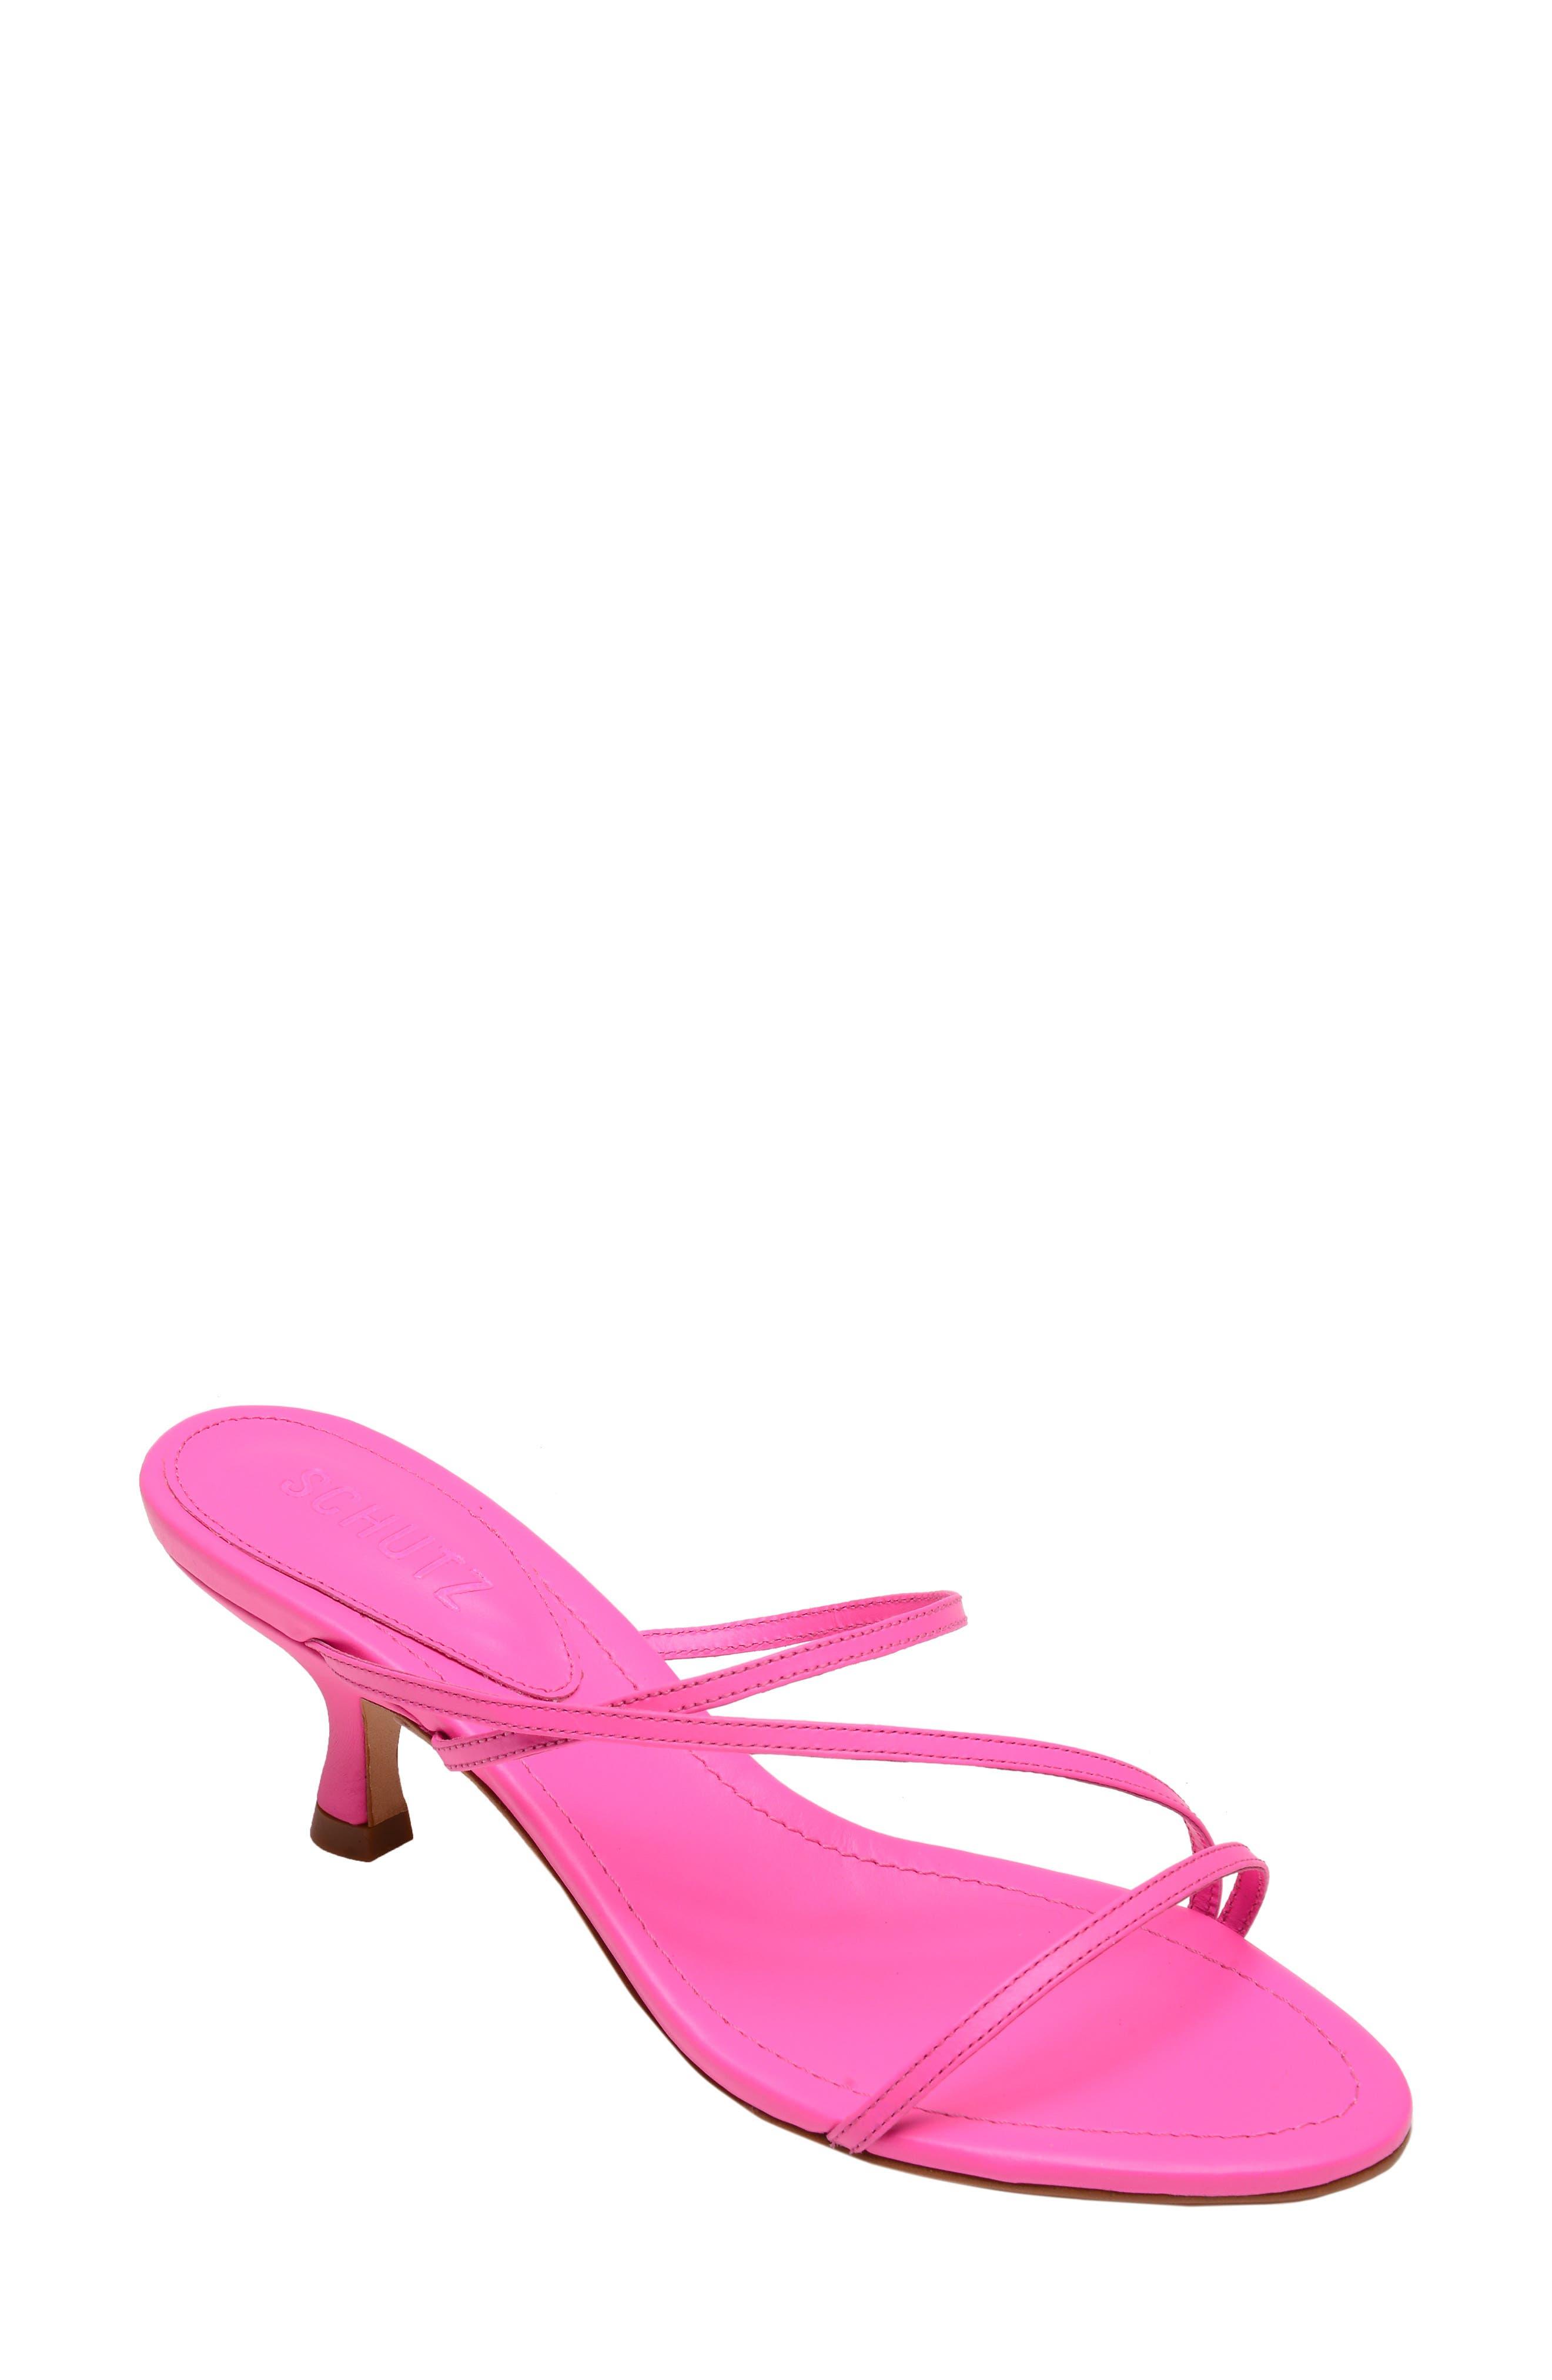 SCHUTZ Evenise Slide Sandal, Main, color, NEON PINK